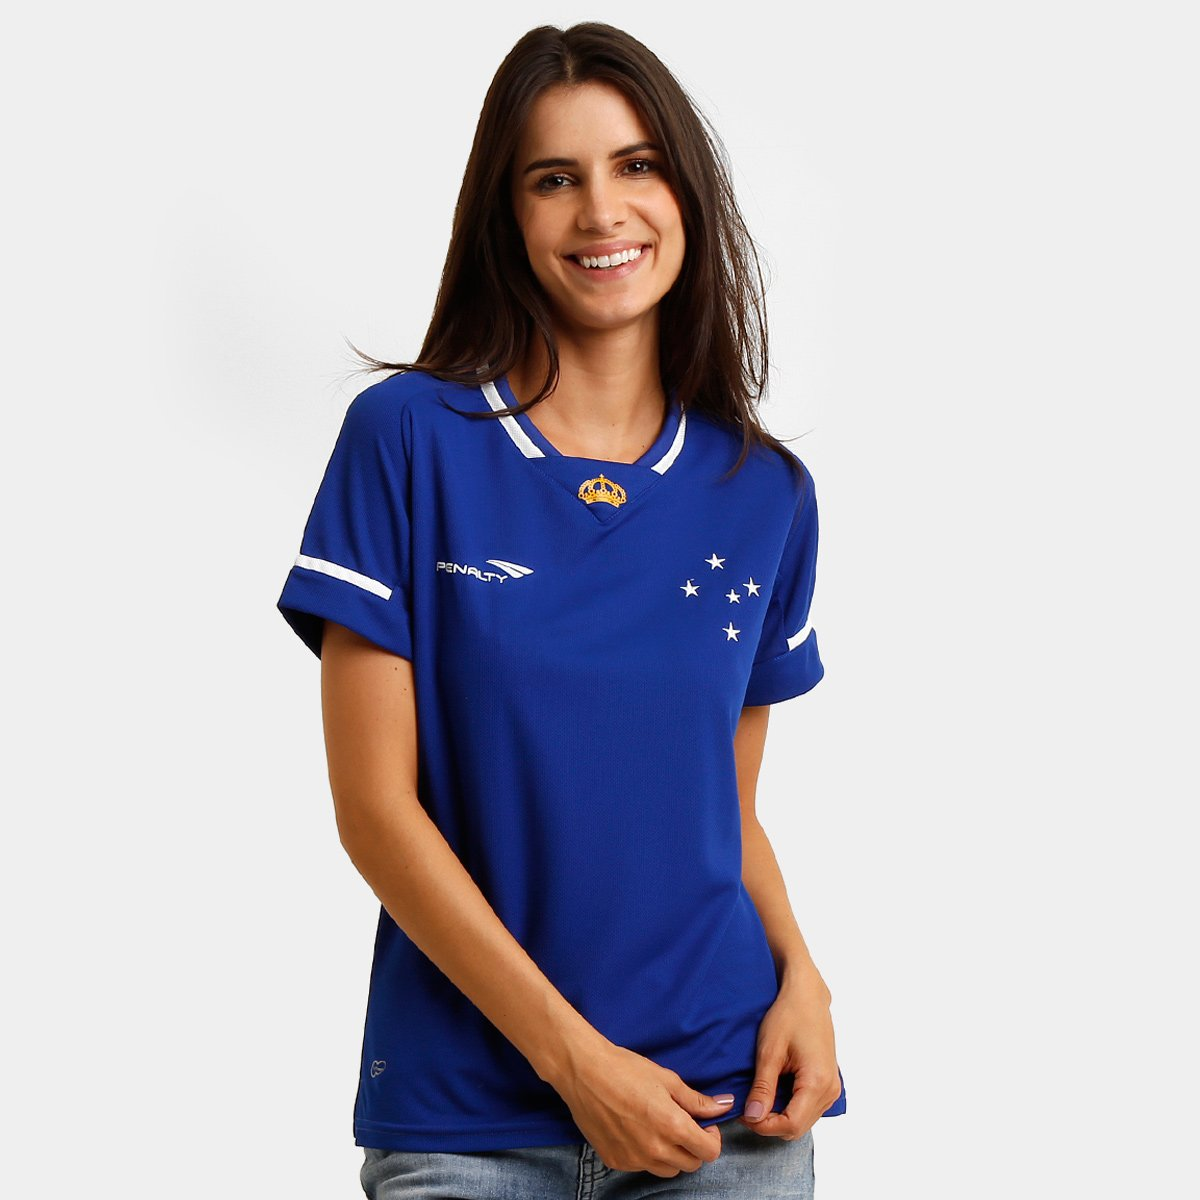 Camiseta Feminina Penalty Cruzeiro l 2015 s n° - Compre Agora  8cad19e6aa821